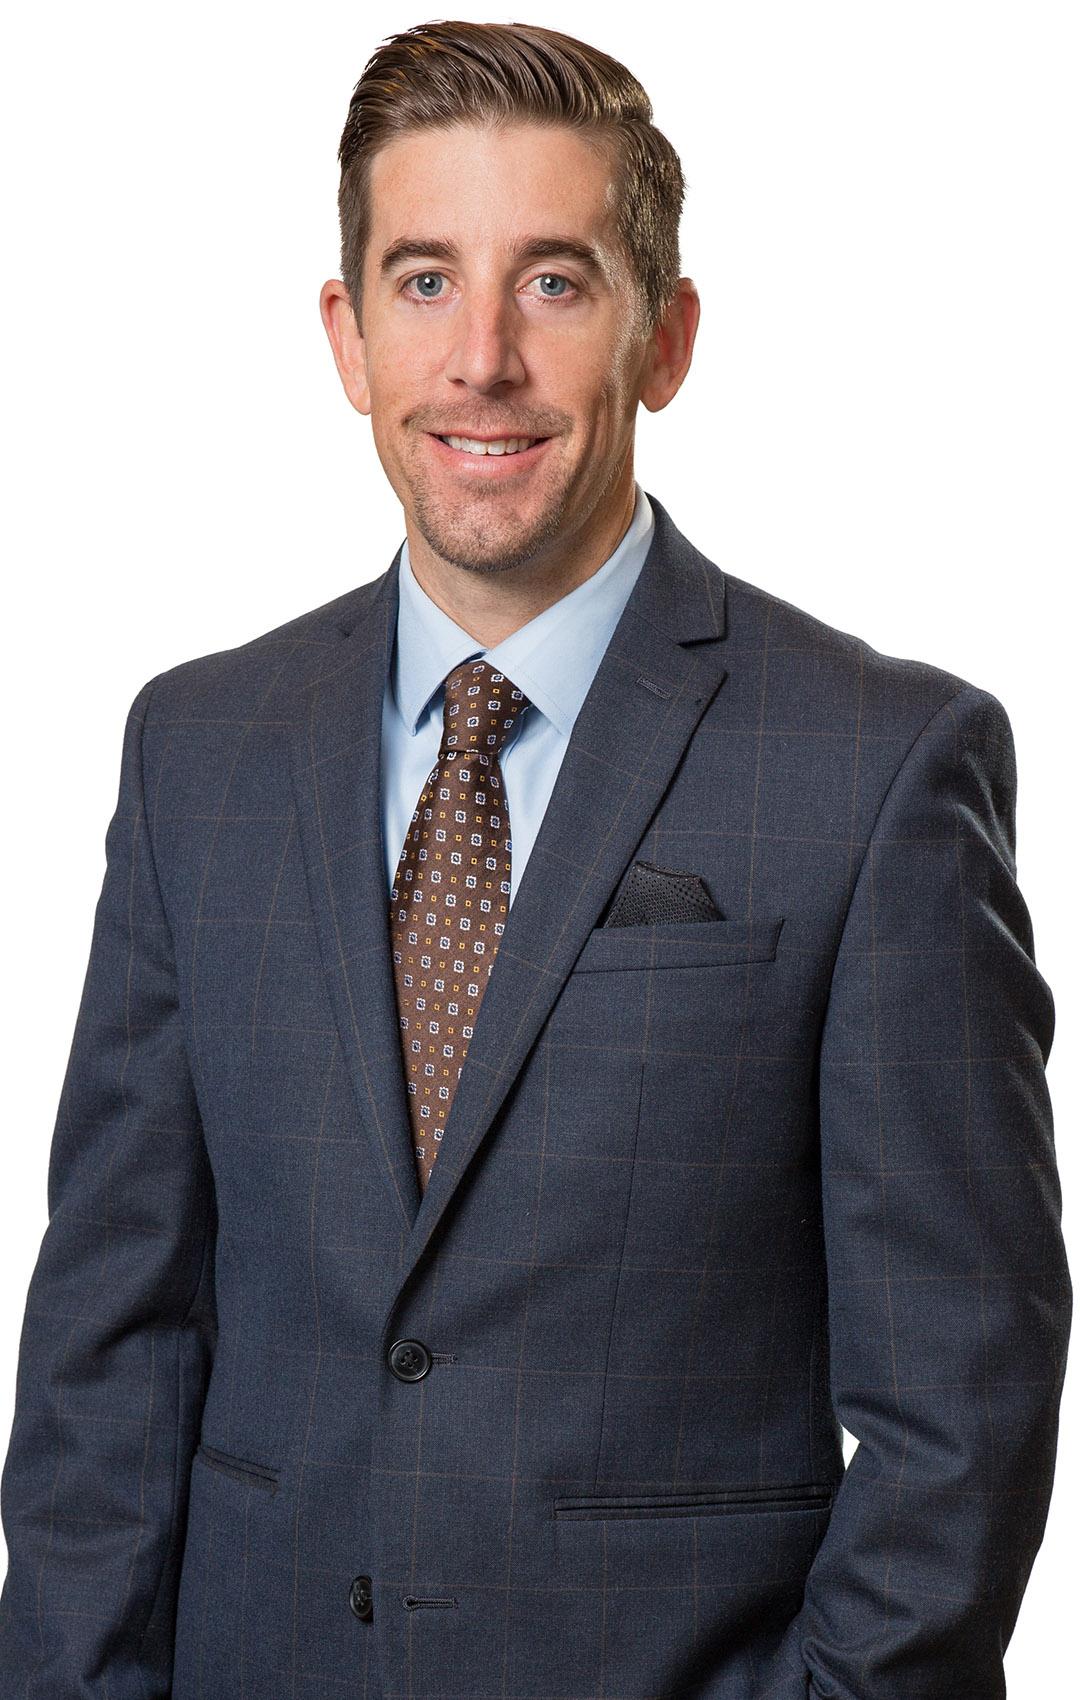 Mark M. Barber